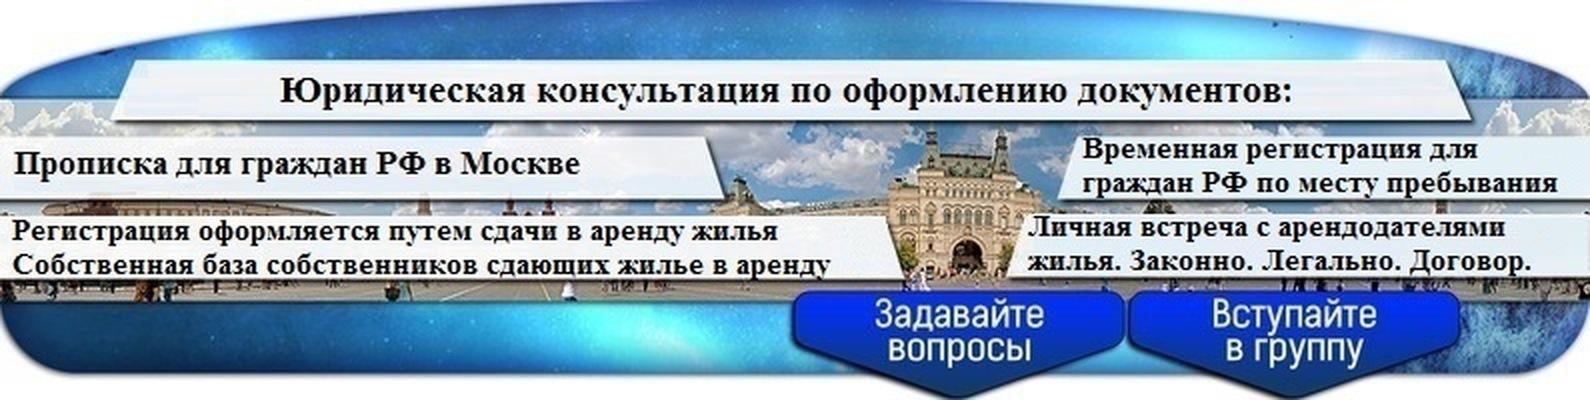 Трудовой договор для фмс в москве Привольная улица трудовой договор для фмс в москве Родионовская улица